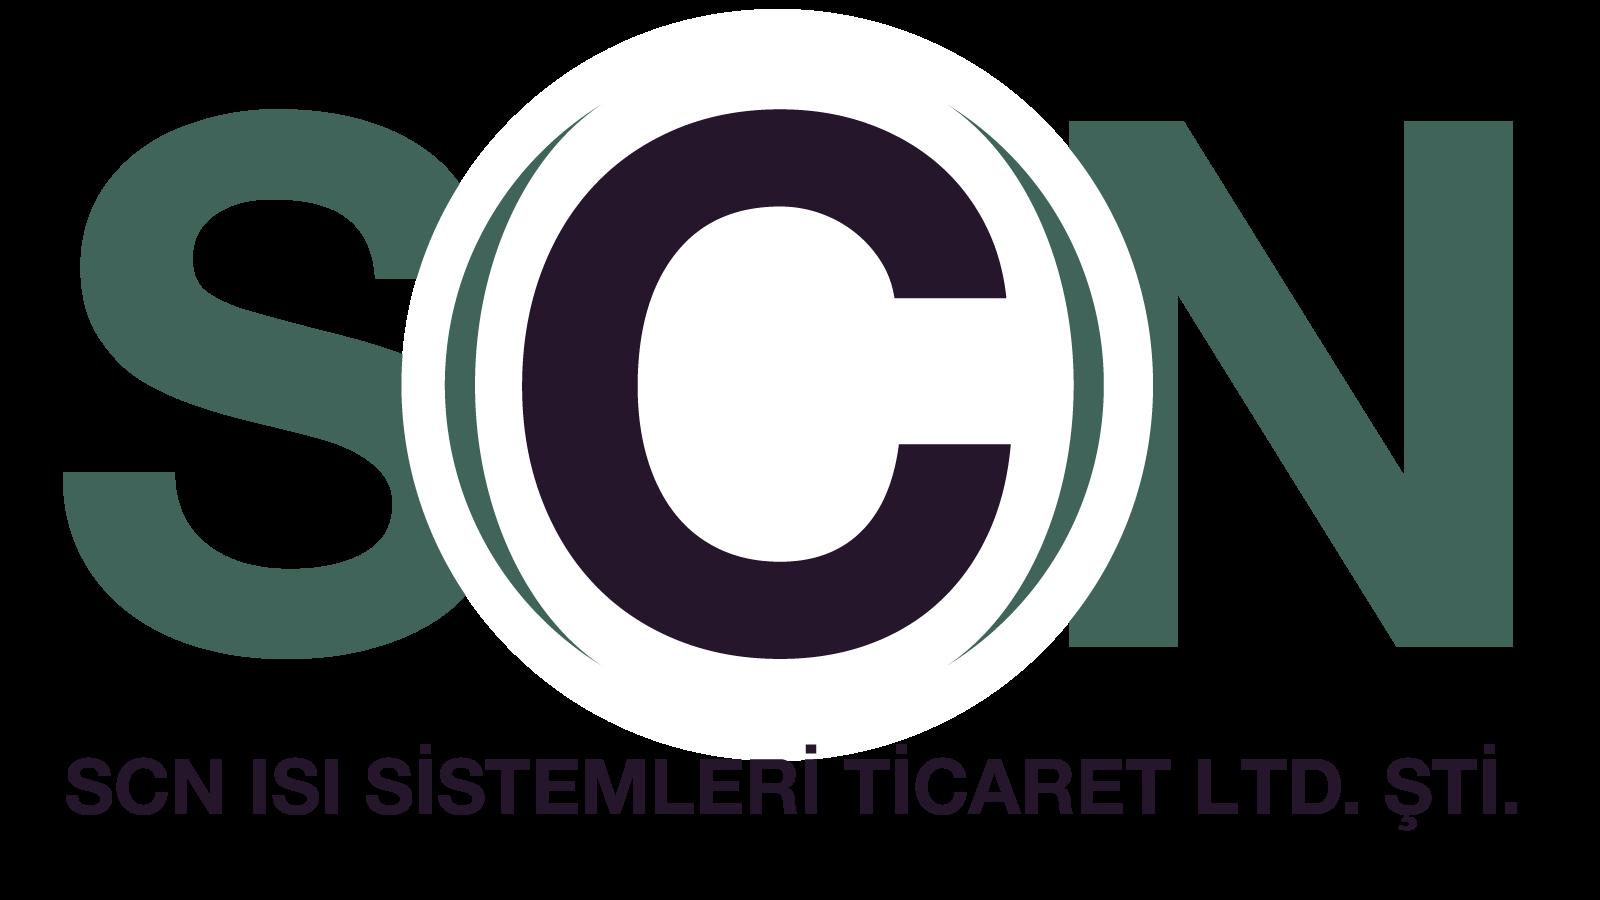 SCN Isı Sistemleri TİC. LTD. ŞTİ.